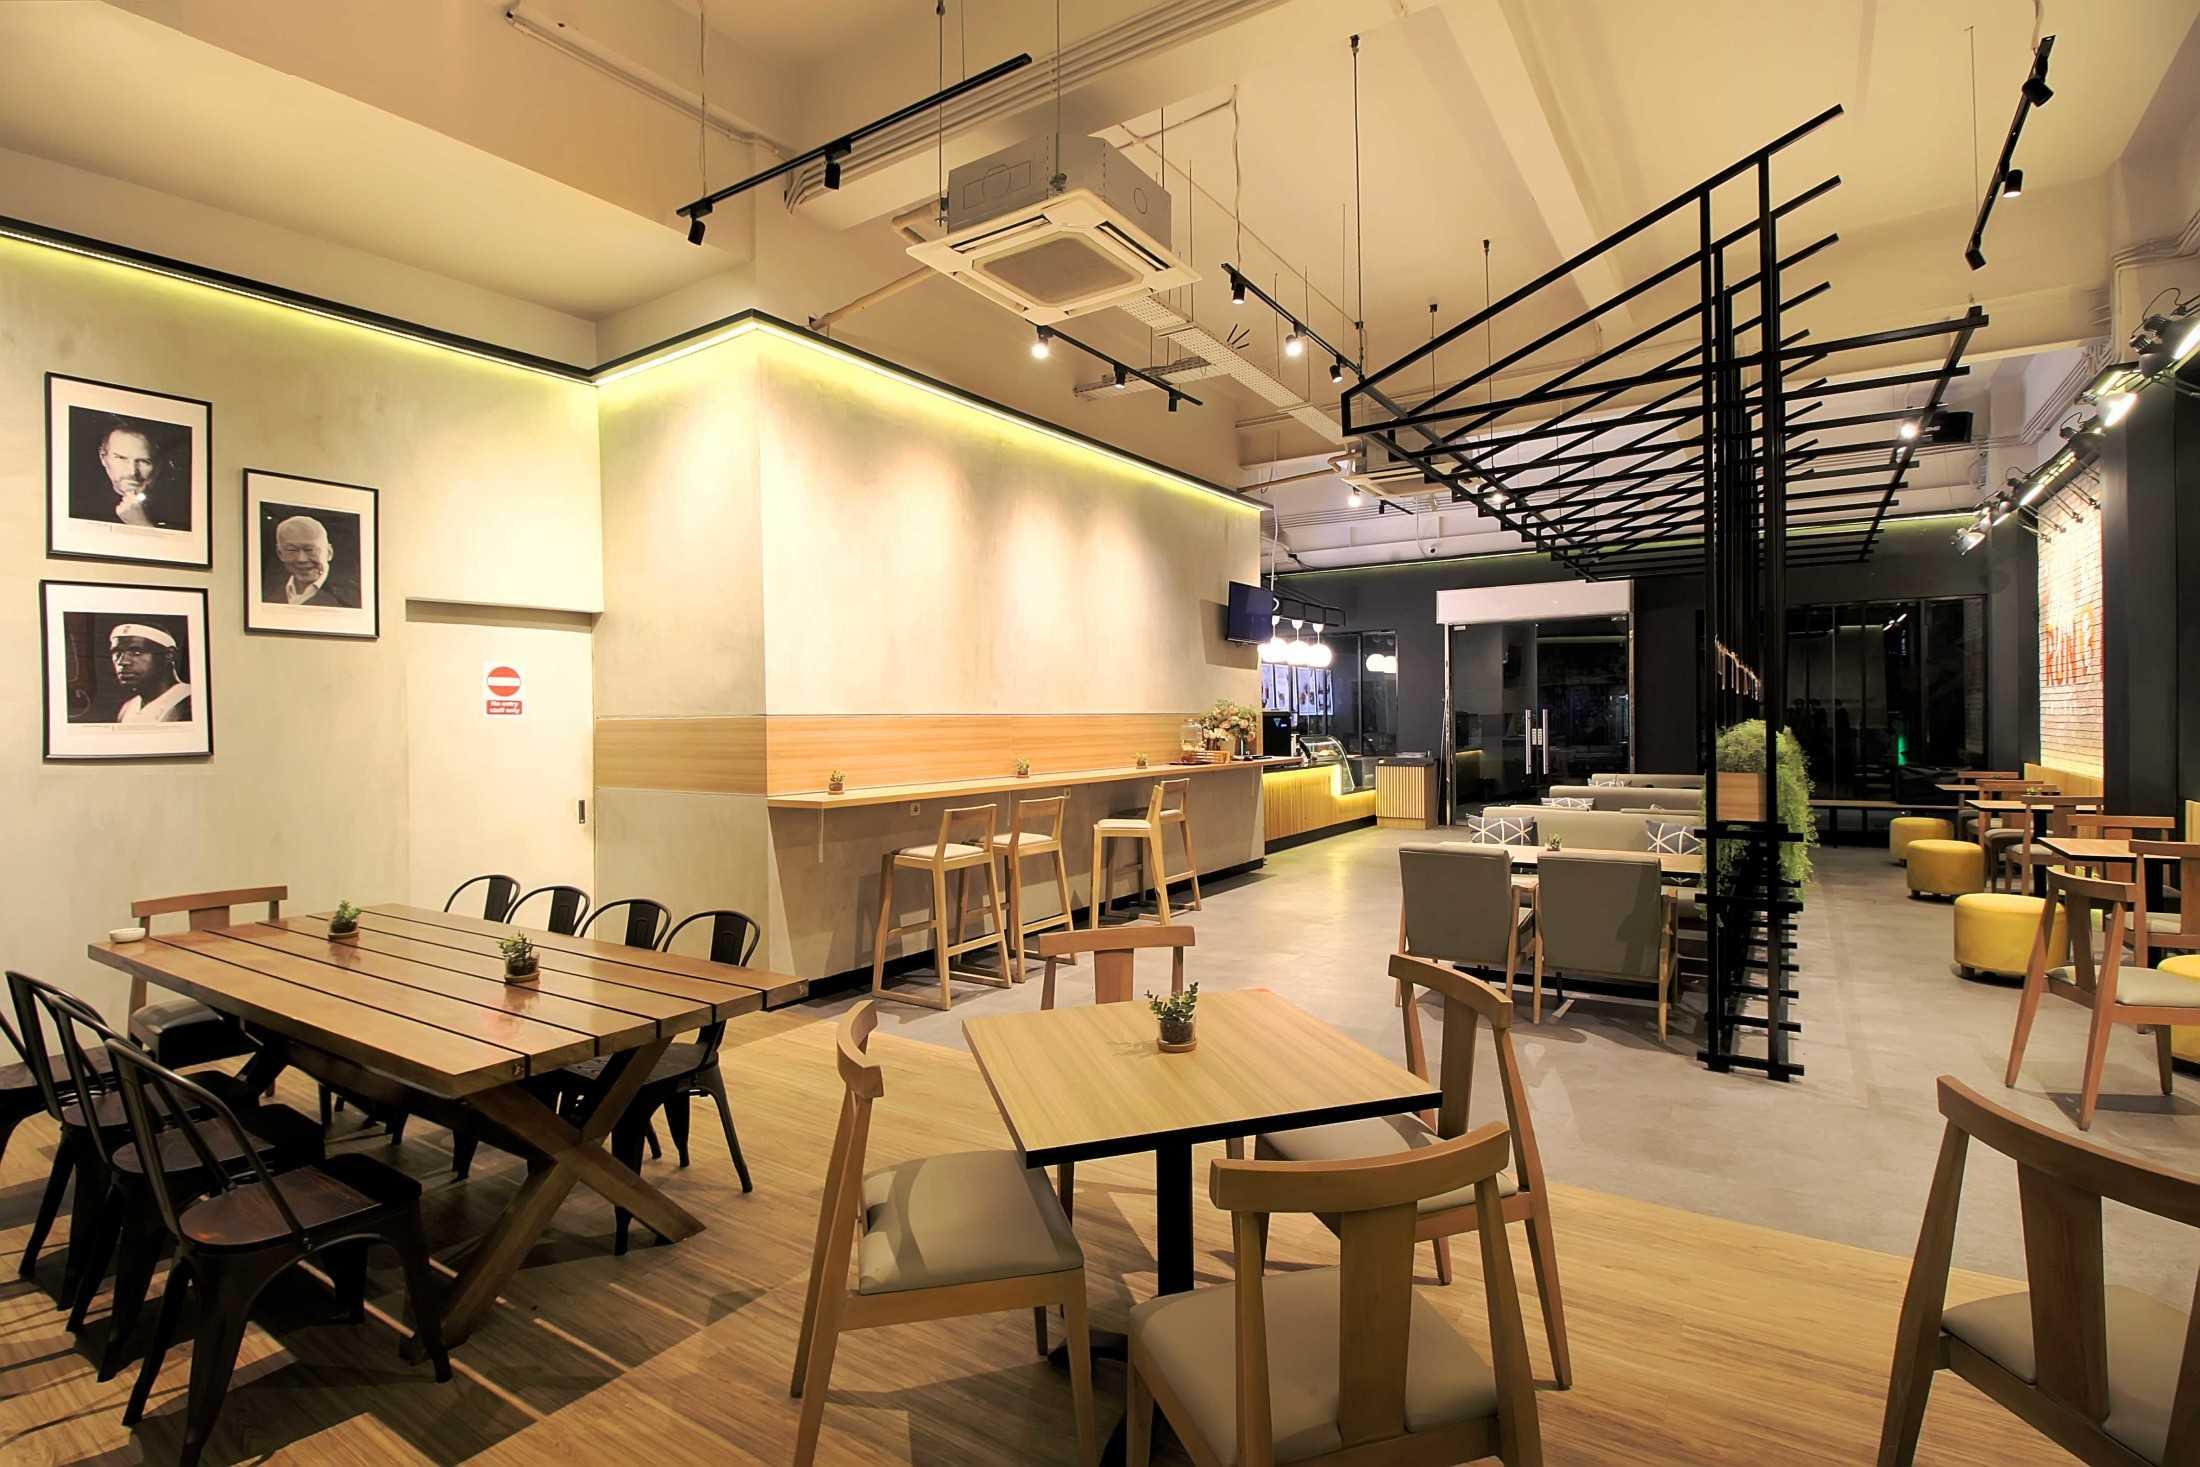 Design N Aesthetics Studio Daily Box Pluit Pluit, Penjaringan, Kota Jkt Utara, Daerah Khusus Ibukota Jakarta, Indonesia Pluit, Penjaringan, Kota Jkt Utara, Daerah Khusus Ibukota Jakarta, Indonesia Design-N-Aesthetics-Studio-Daily-Box-Pluit  66209